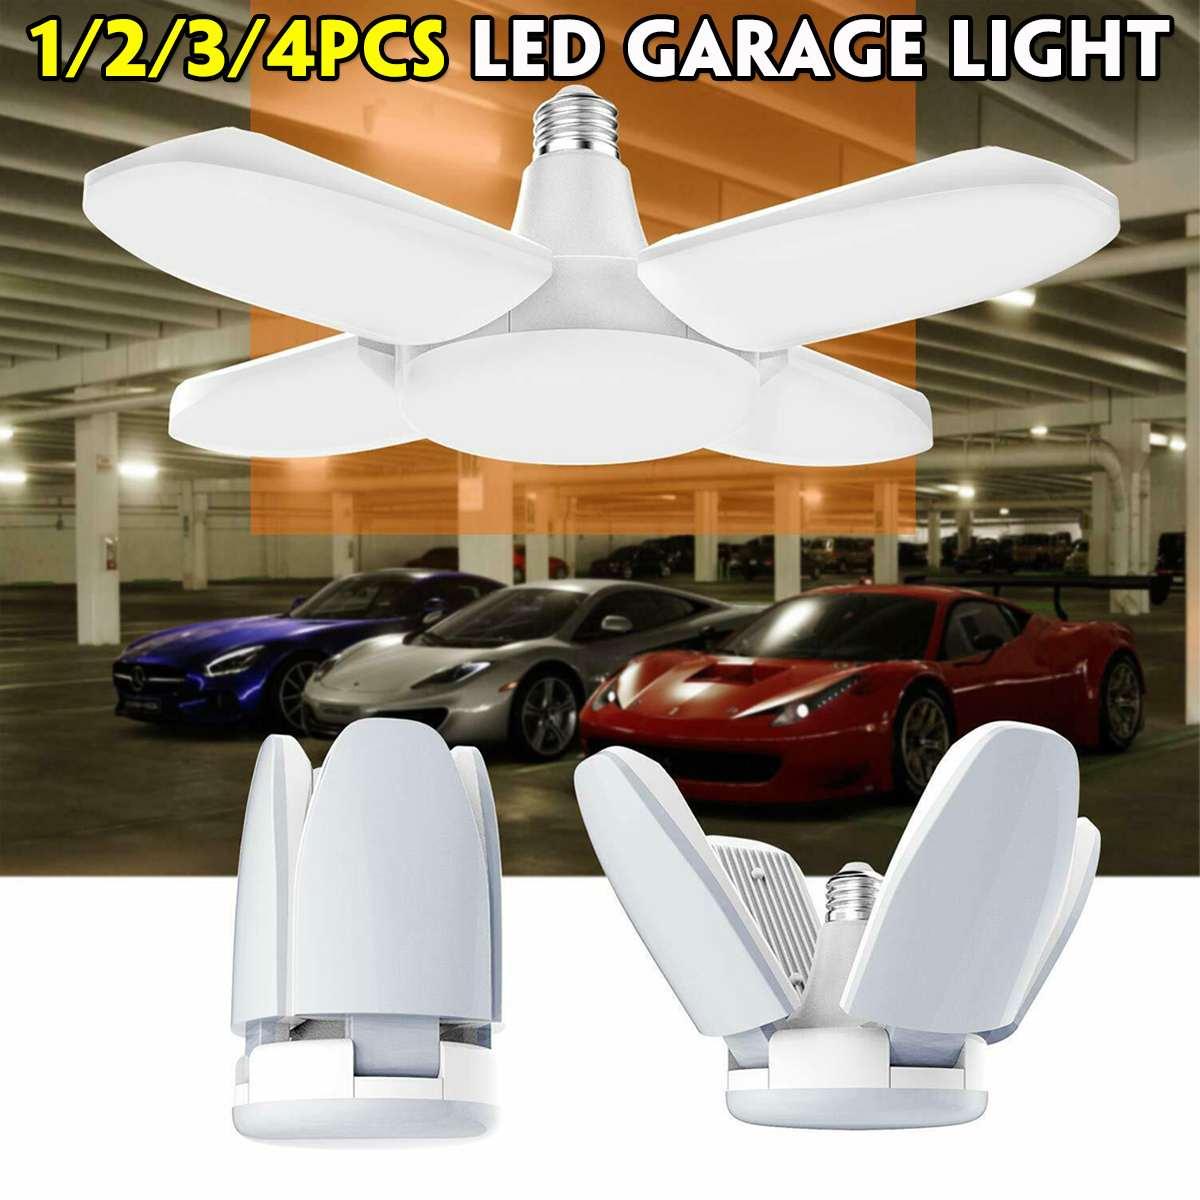 Led Highbay Deformable Garage Light 60W E27 85-265V 6000LM Ceiling Light For Garage/Attic/ Basement/Home LED Mining Lamp